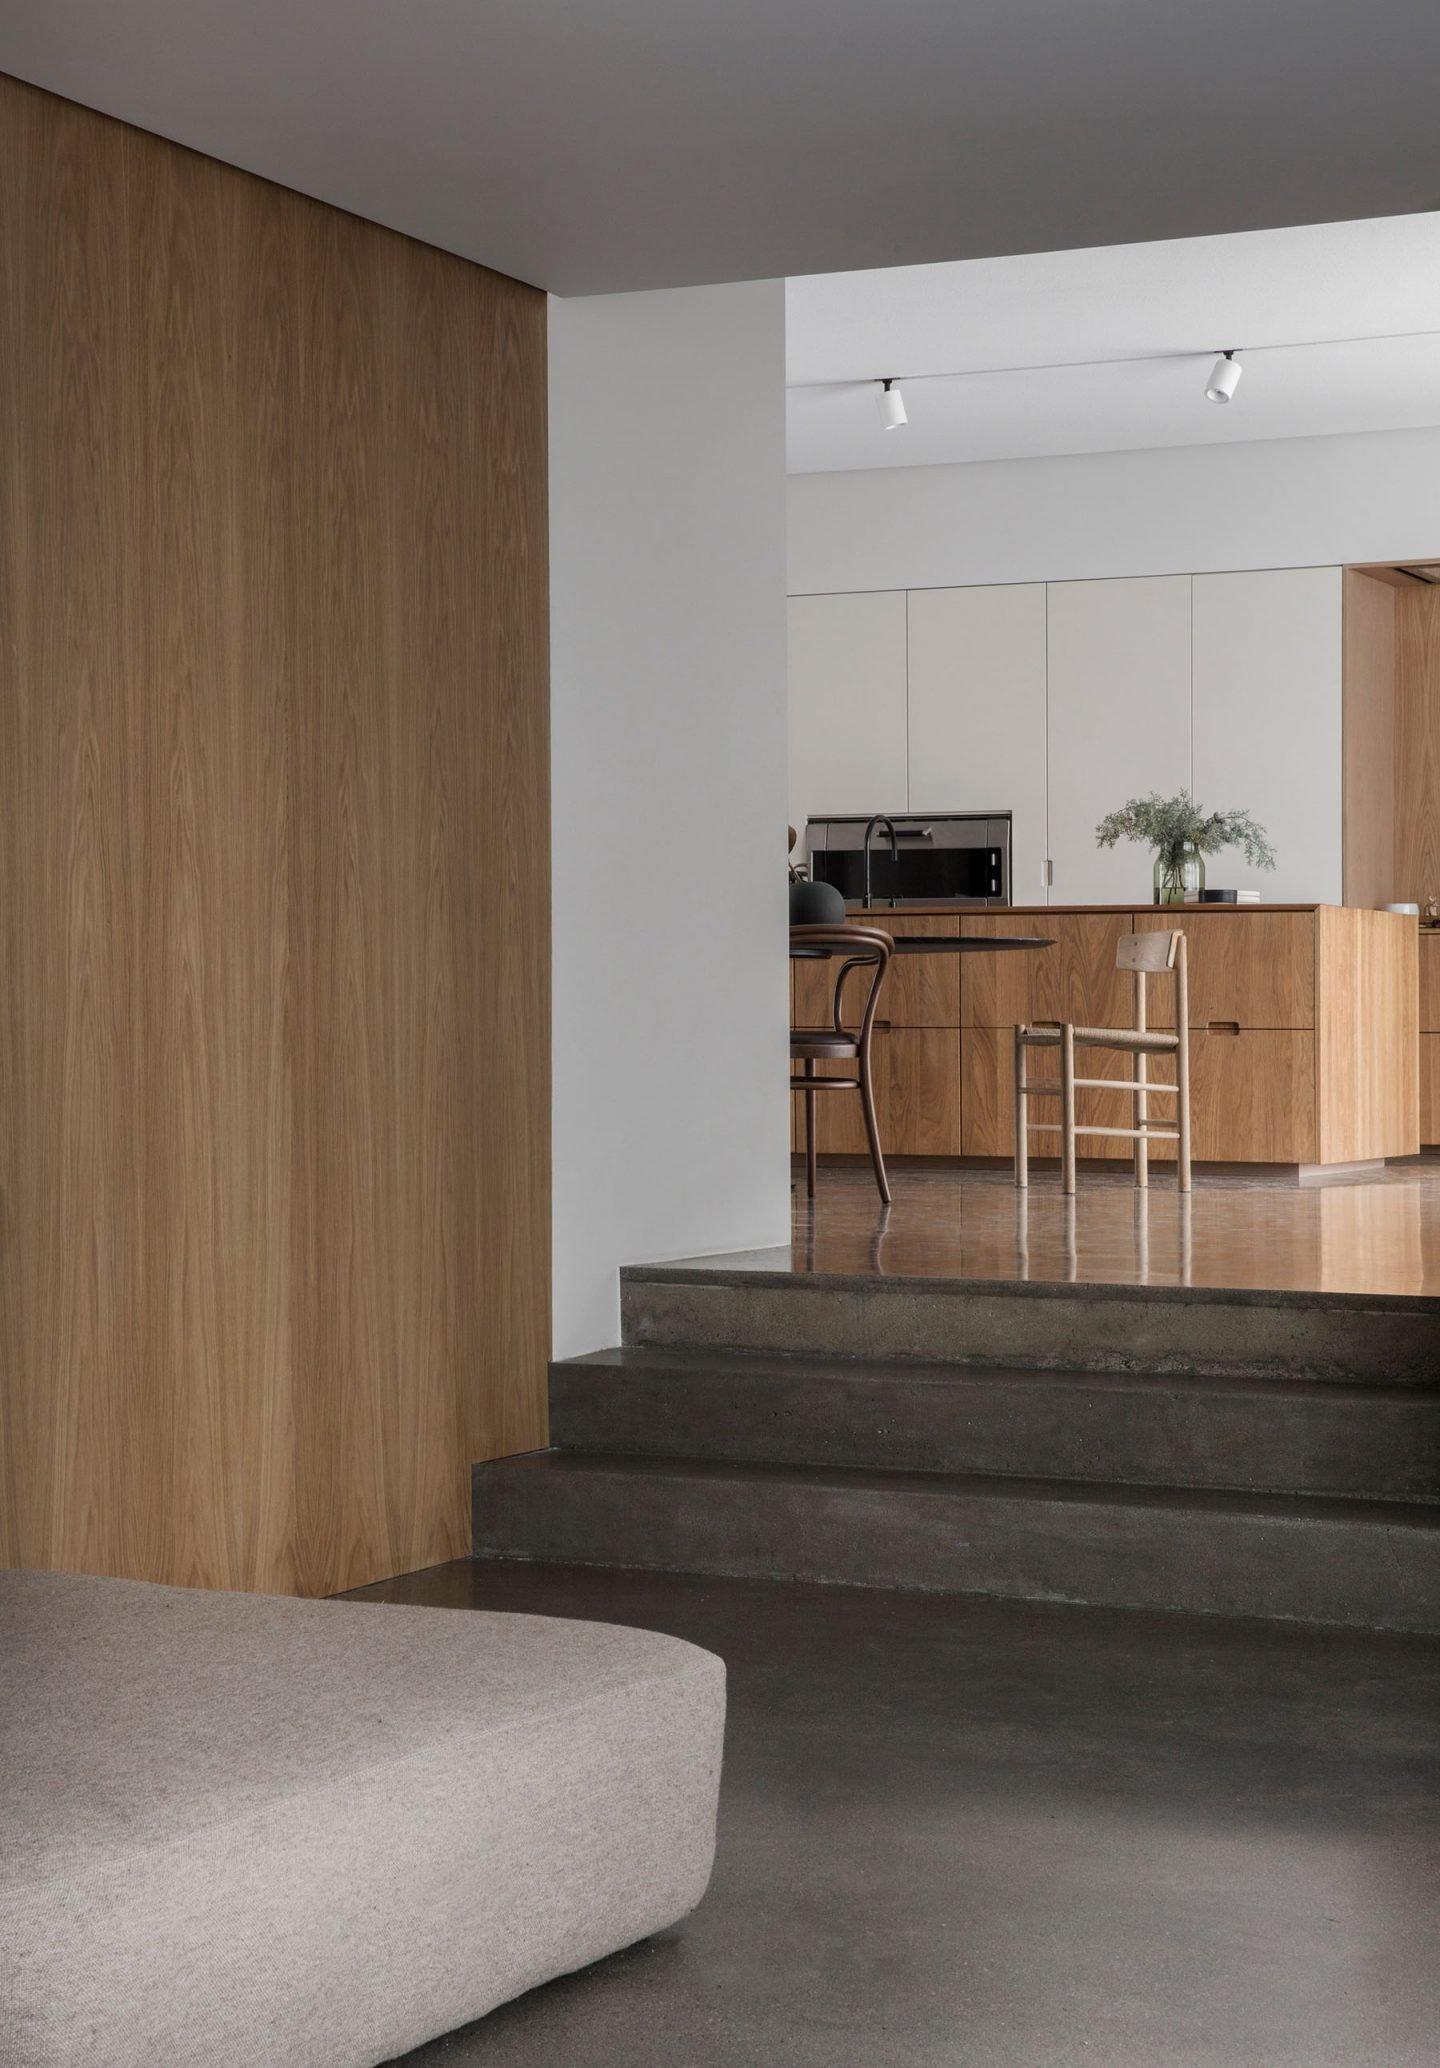 iGNANT-Architecture-Norm-Architects-Gjovik-House-18